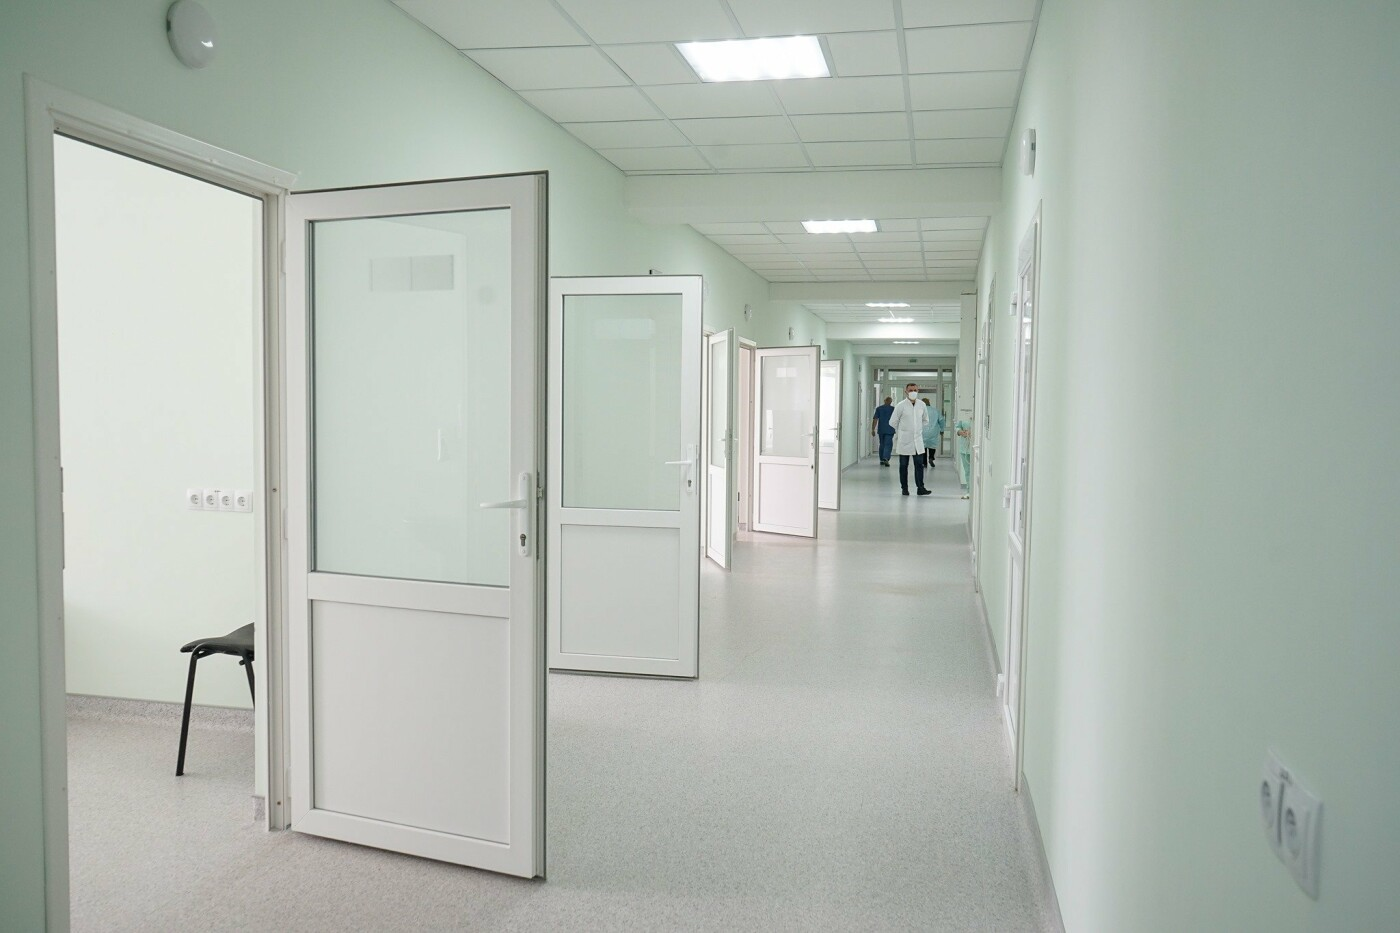 У Новограді відкрили спеціалізовану приймальню для карет швидкої допомоги, фото-1